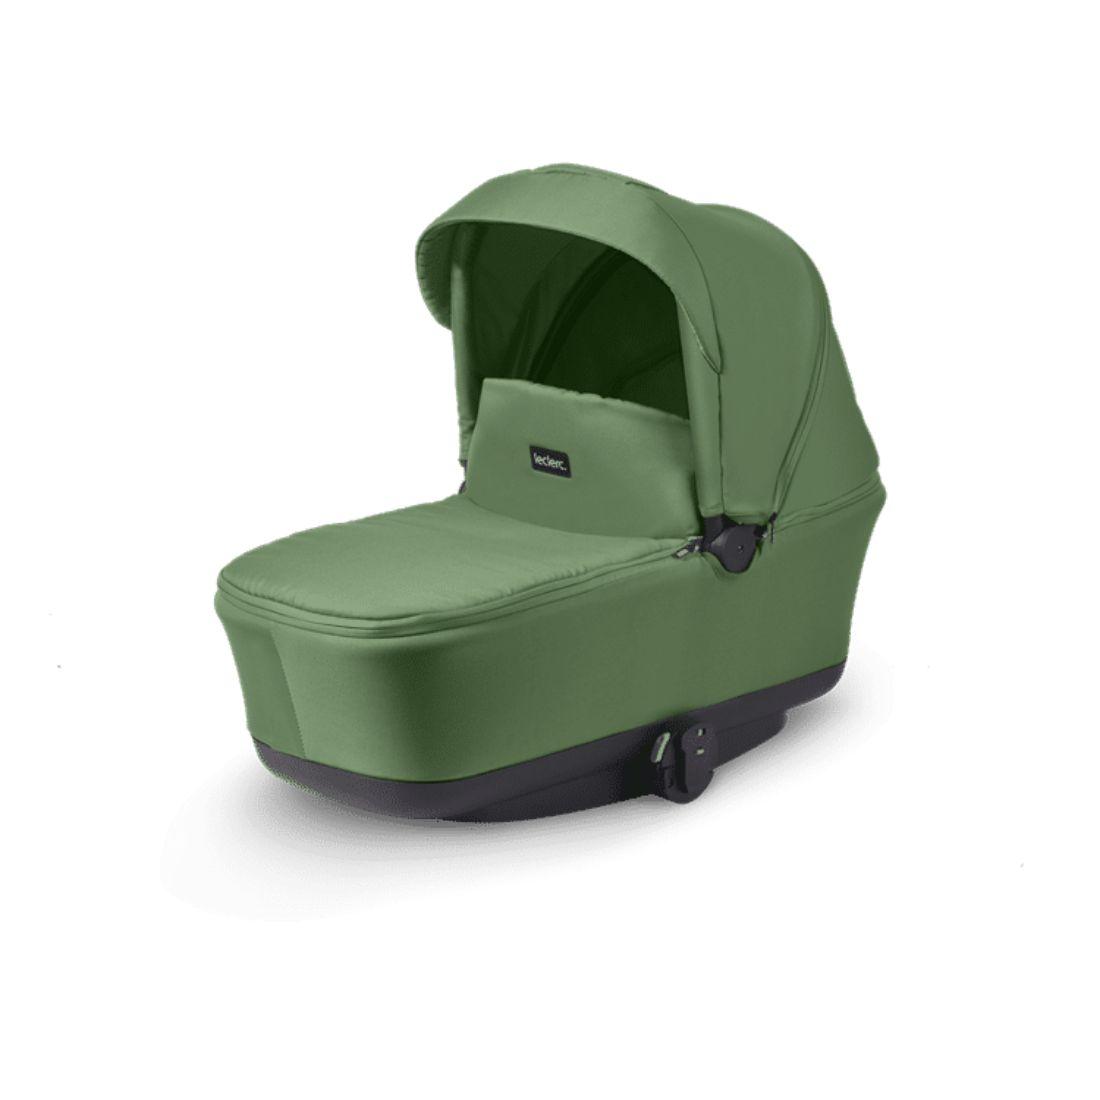 Landou Leclerc Magic Fold Plus, Green